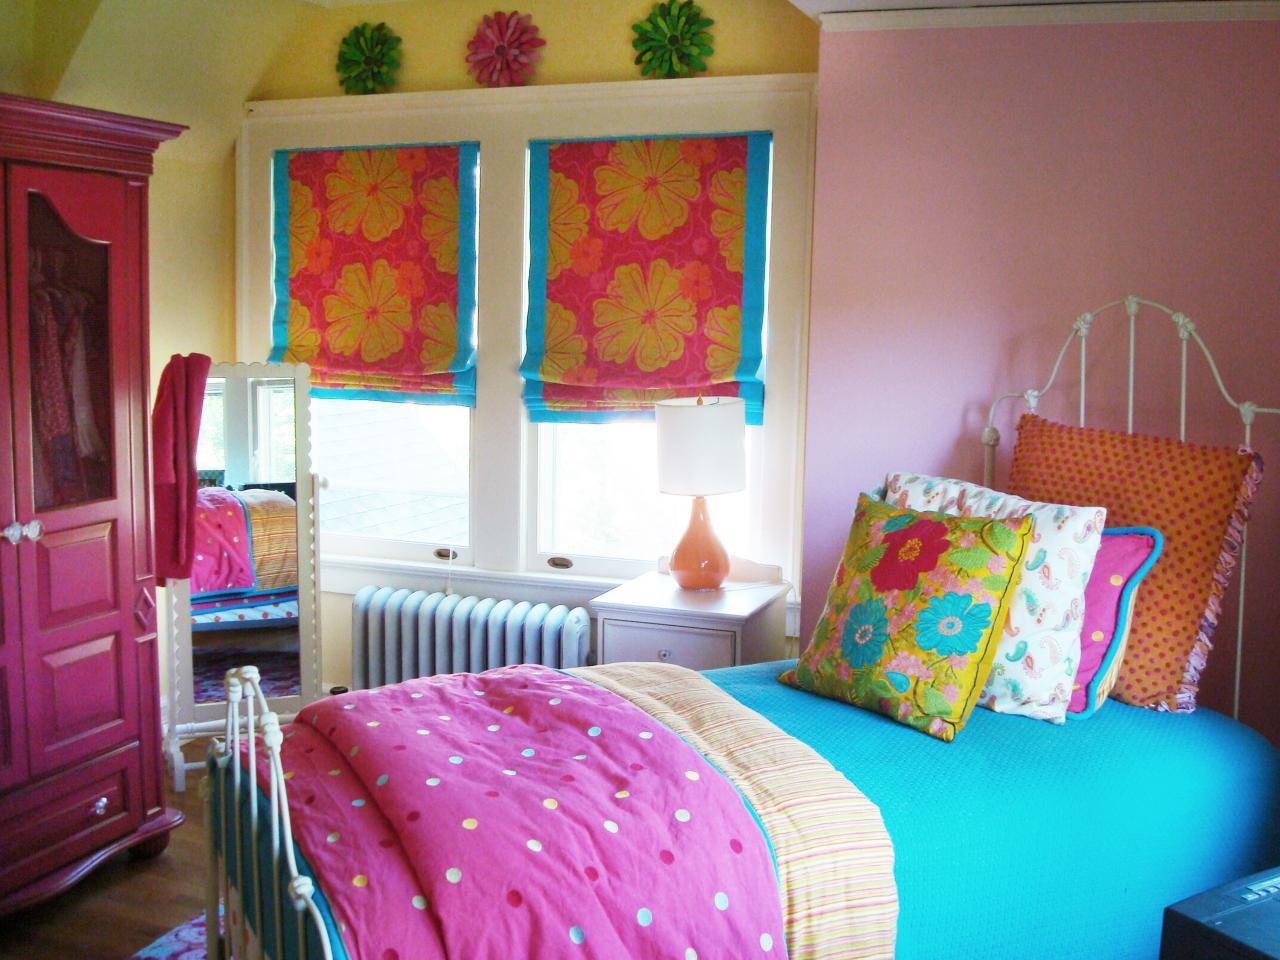 Decoraci n de dormitorios juveniles paso a paso hoy lowcost - Cortinas para habitacion juvenil ...